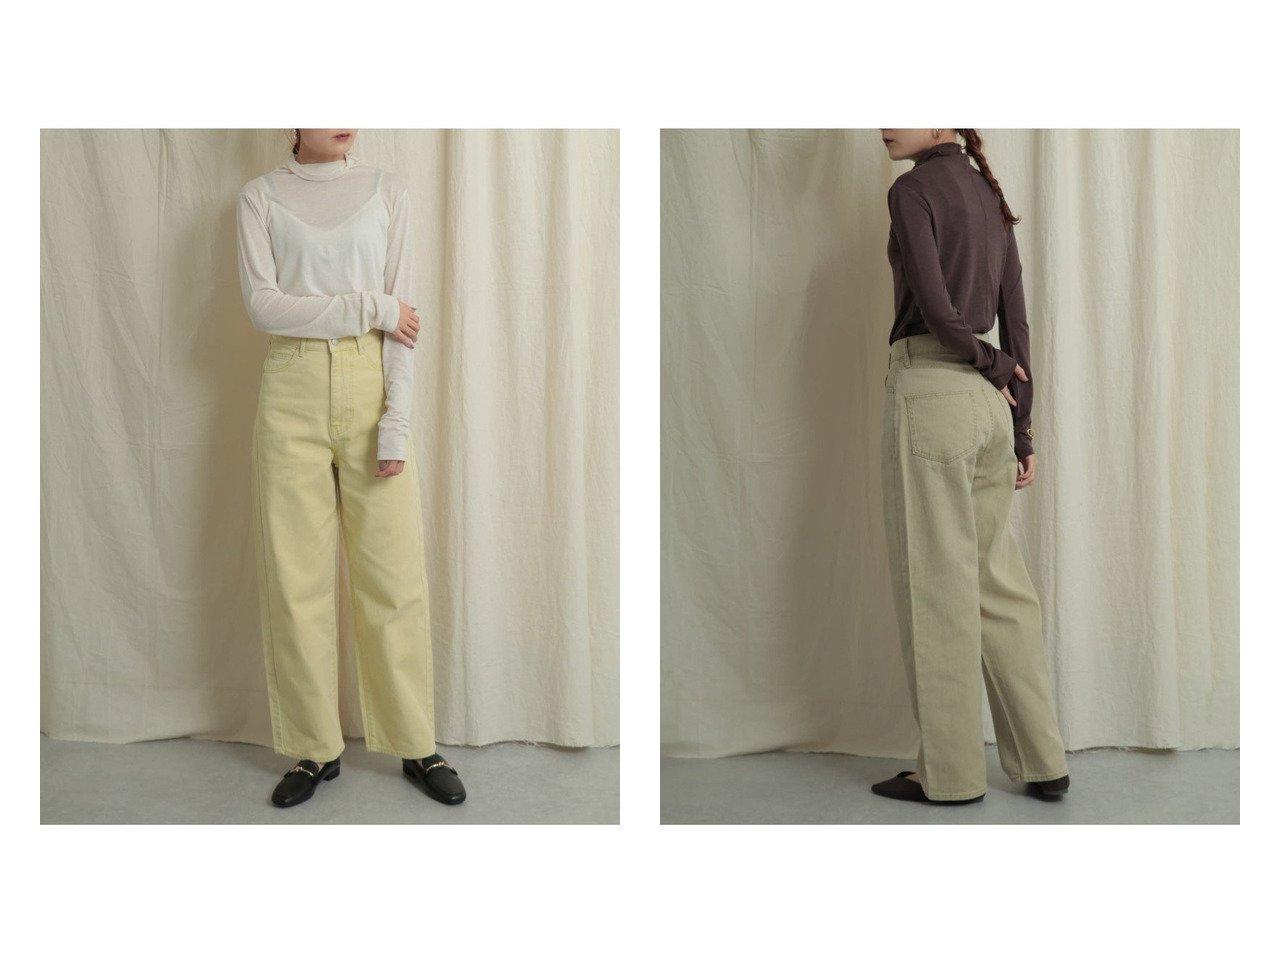 【SENSE OF PLACE / URBAN RESEARCH/センス オブ プレイス】のカラーカツラギパンツ パンツのおすすめ!人気、トレンド・レディースファッションの通販 おすすめで人気の流行・トレンド、ファッションの通販商品 メンズファッション・キッズファッション・インテリア・家具・レディースファッション・服の通販 founy(ファニー) https://founy.com/ ファッション Fashion レディースファッション WOMEN パンツ Pants ジーンズ ポケット |ID:crp329100000015273